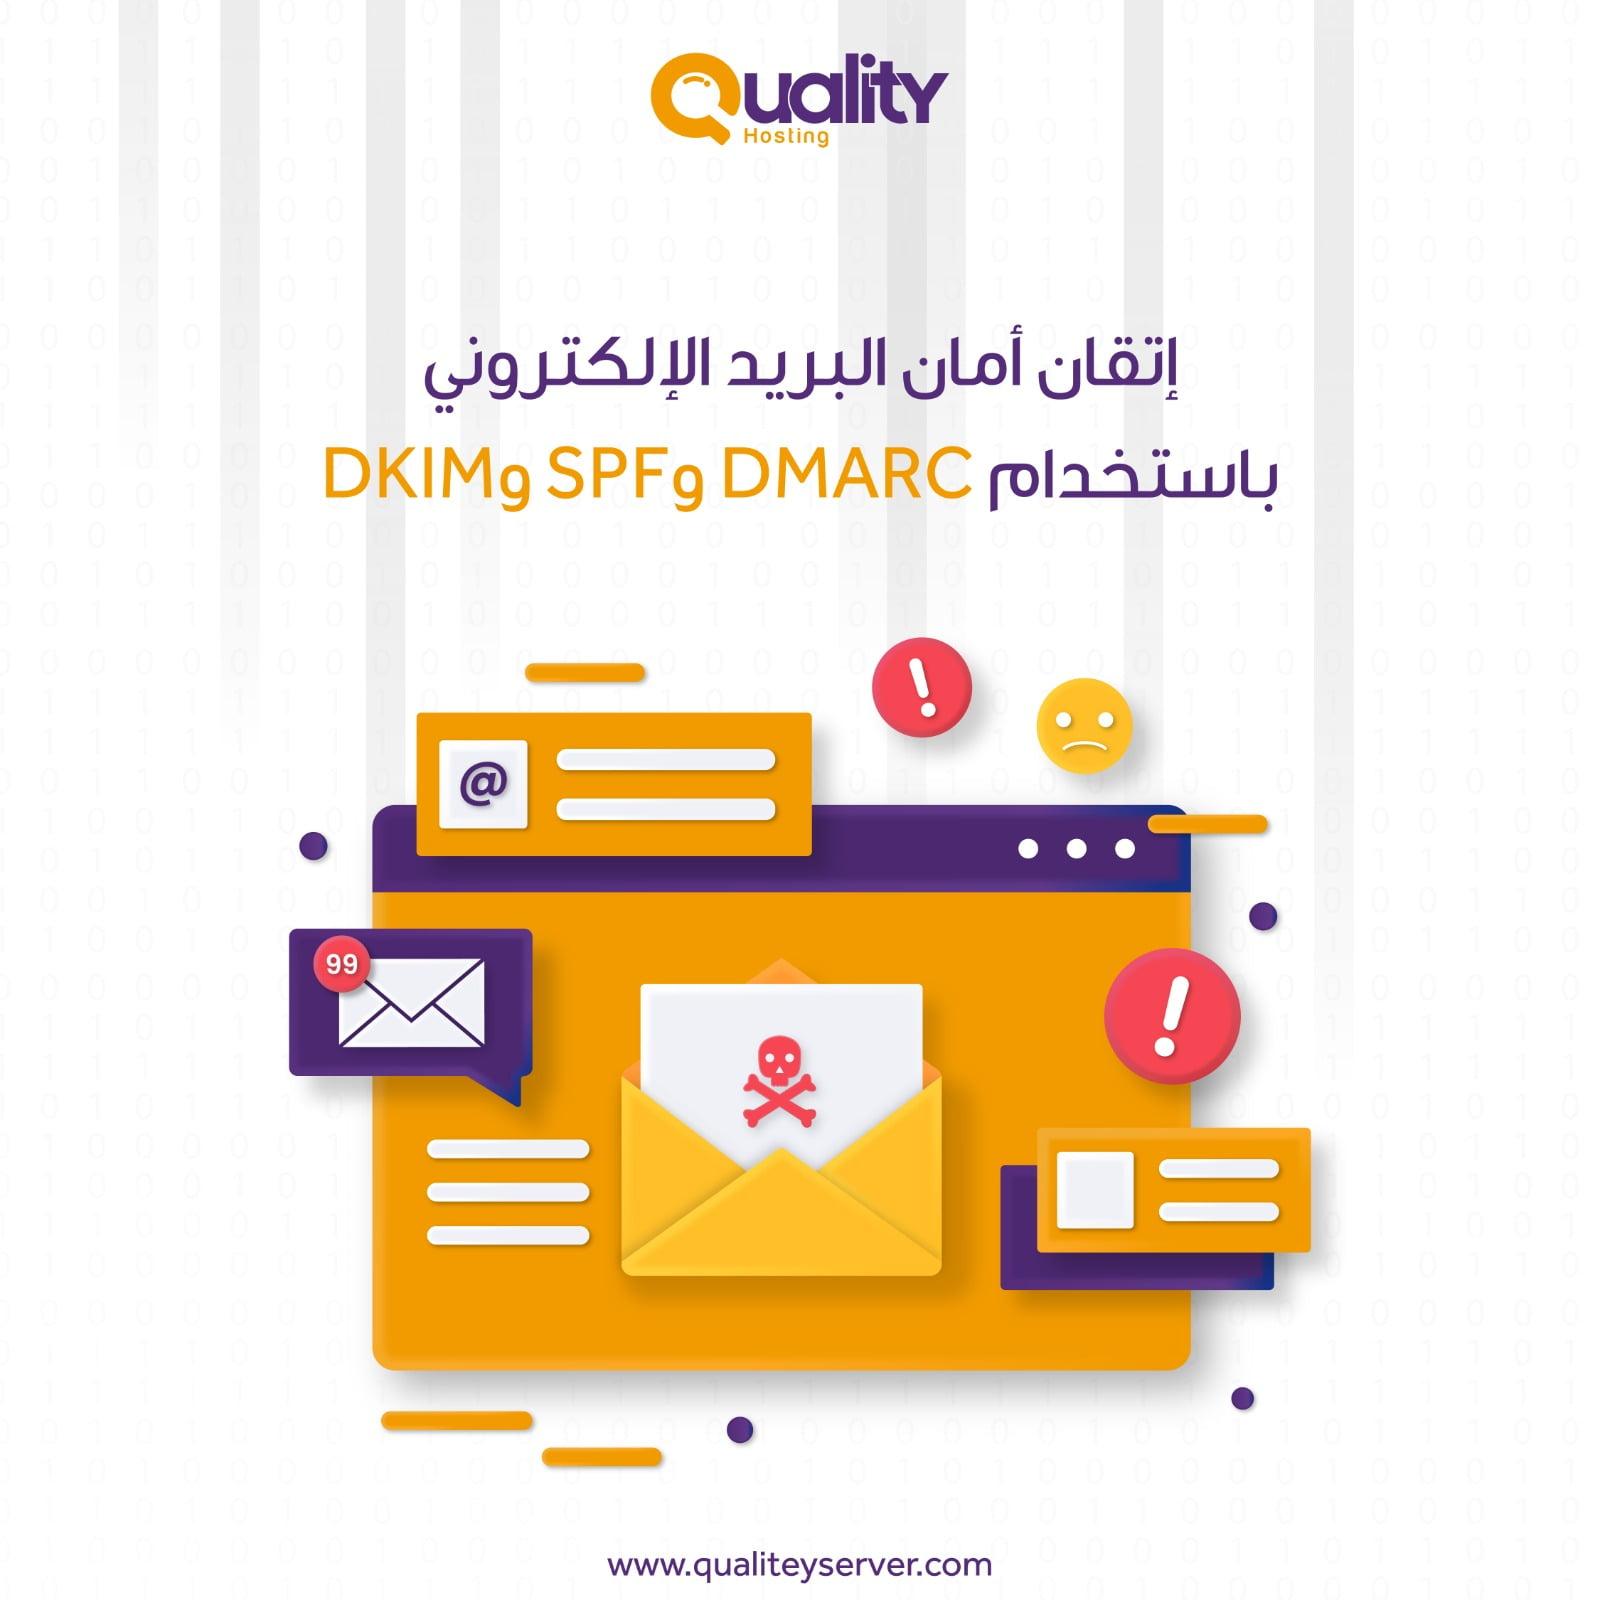 إتقان أمان البريد الإلكتروني باستخدام DMARC وSPF وDKIM